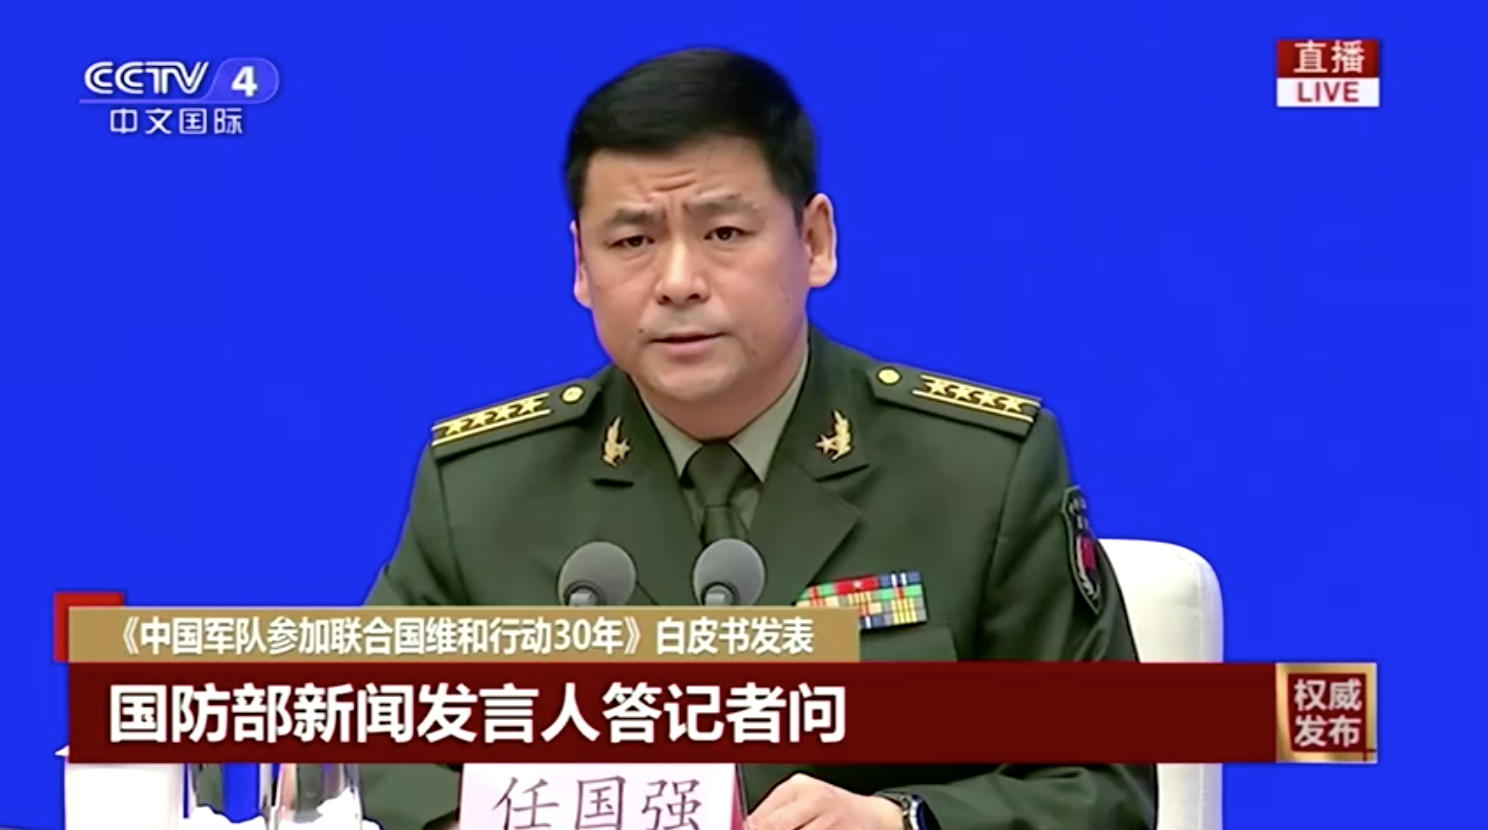 Hành động xâm phạm vùng đệm của Trung Cộng làm gia tăng nguy cơ đụng độ với Đài Loan